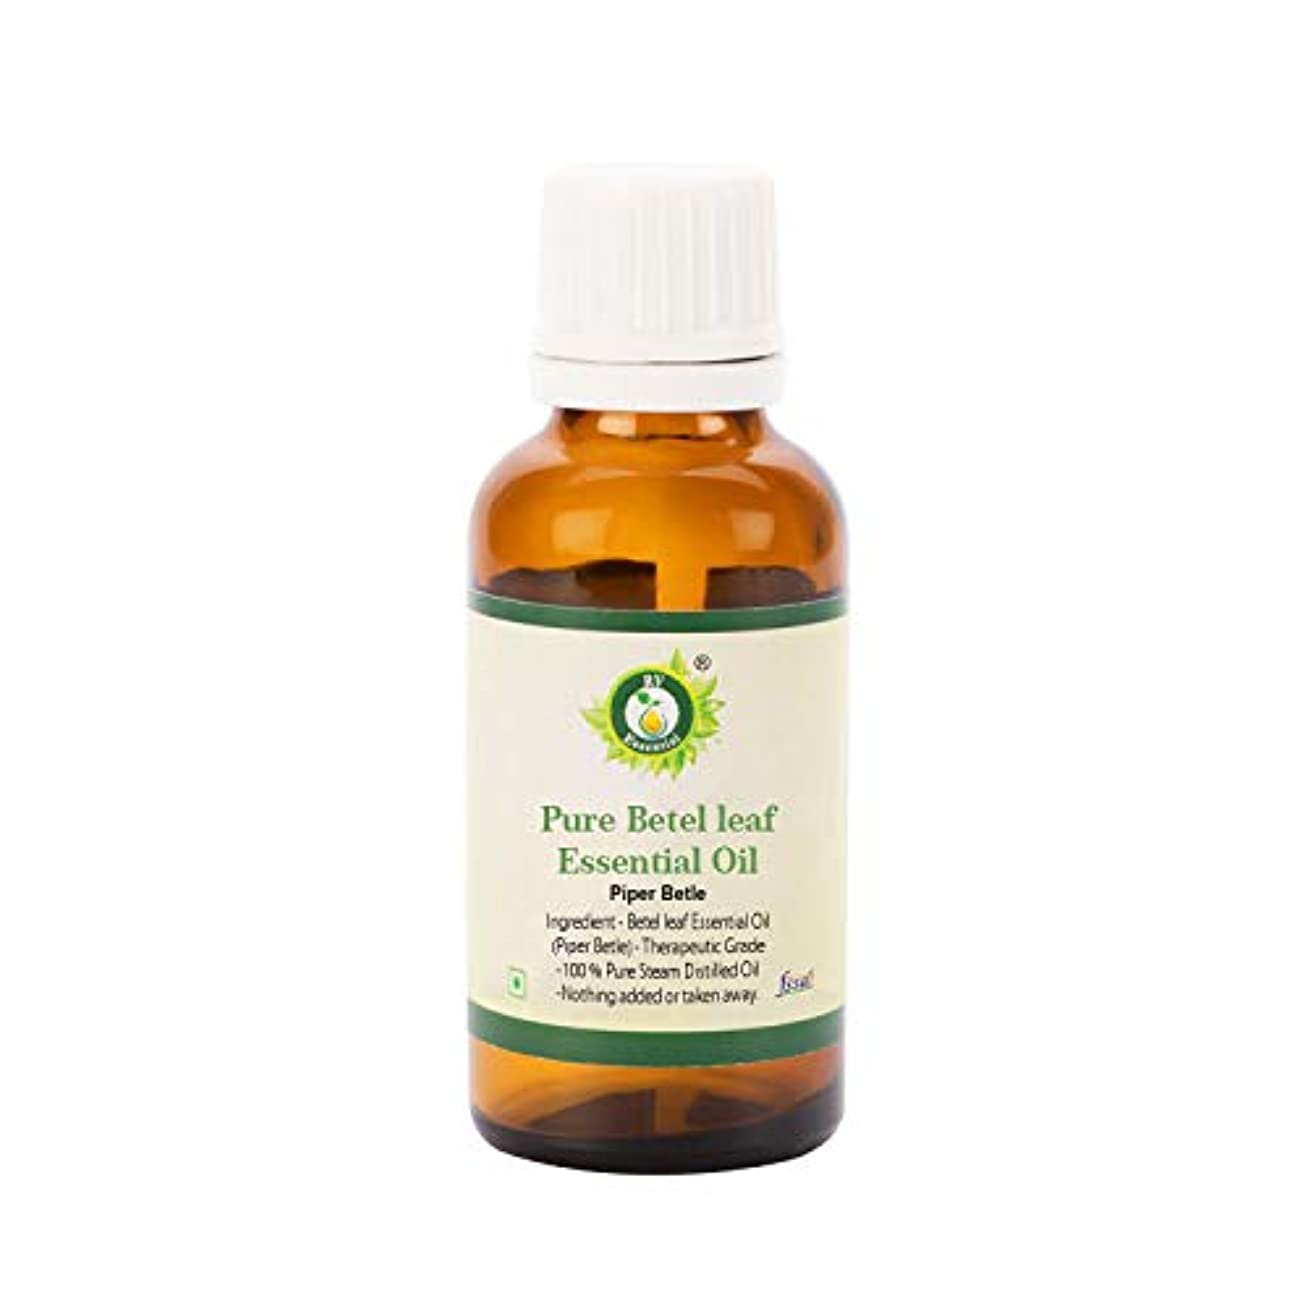 本会議扇動する子犬R V Essential ピュアBetel葉エッセンシャルオイル50ml (1.69oz)- Piper Betle (100%純粋&天然スチームDistilled) Pure Betel leaf Essential...